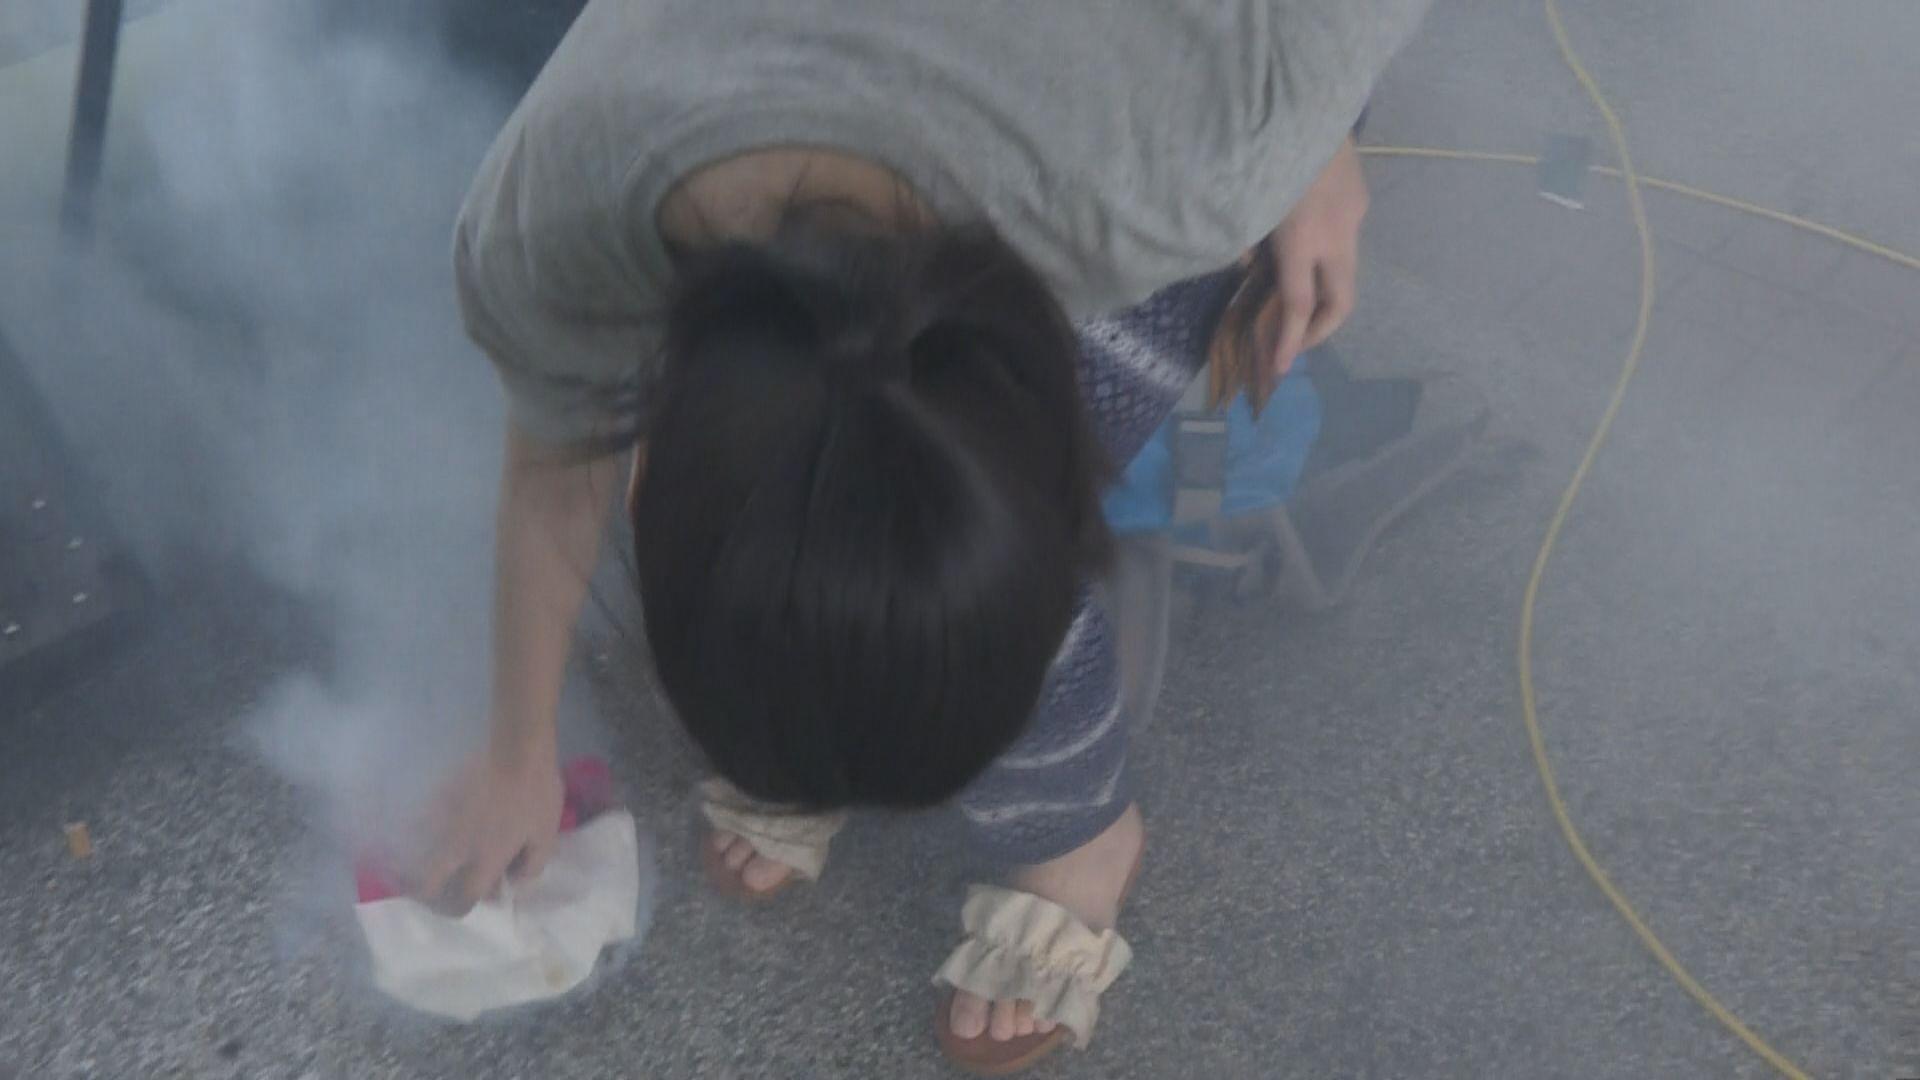 警於深水埗及荔枝角施放催淚彈驅散示威者